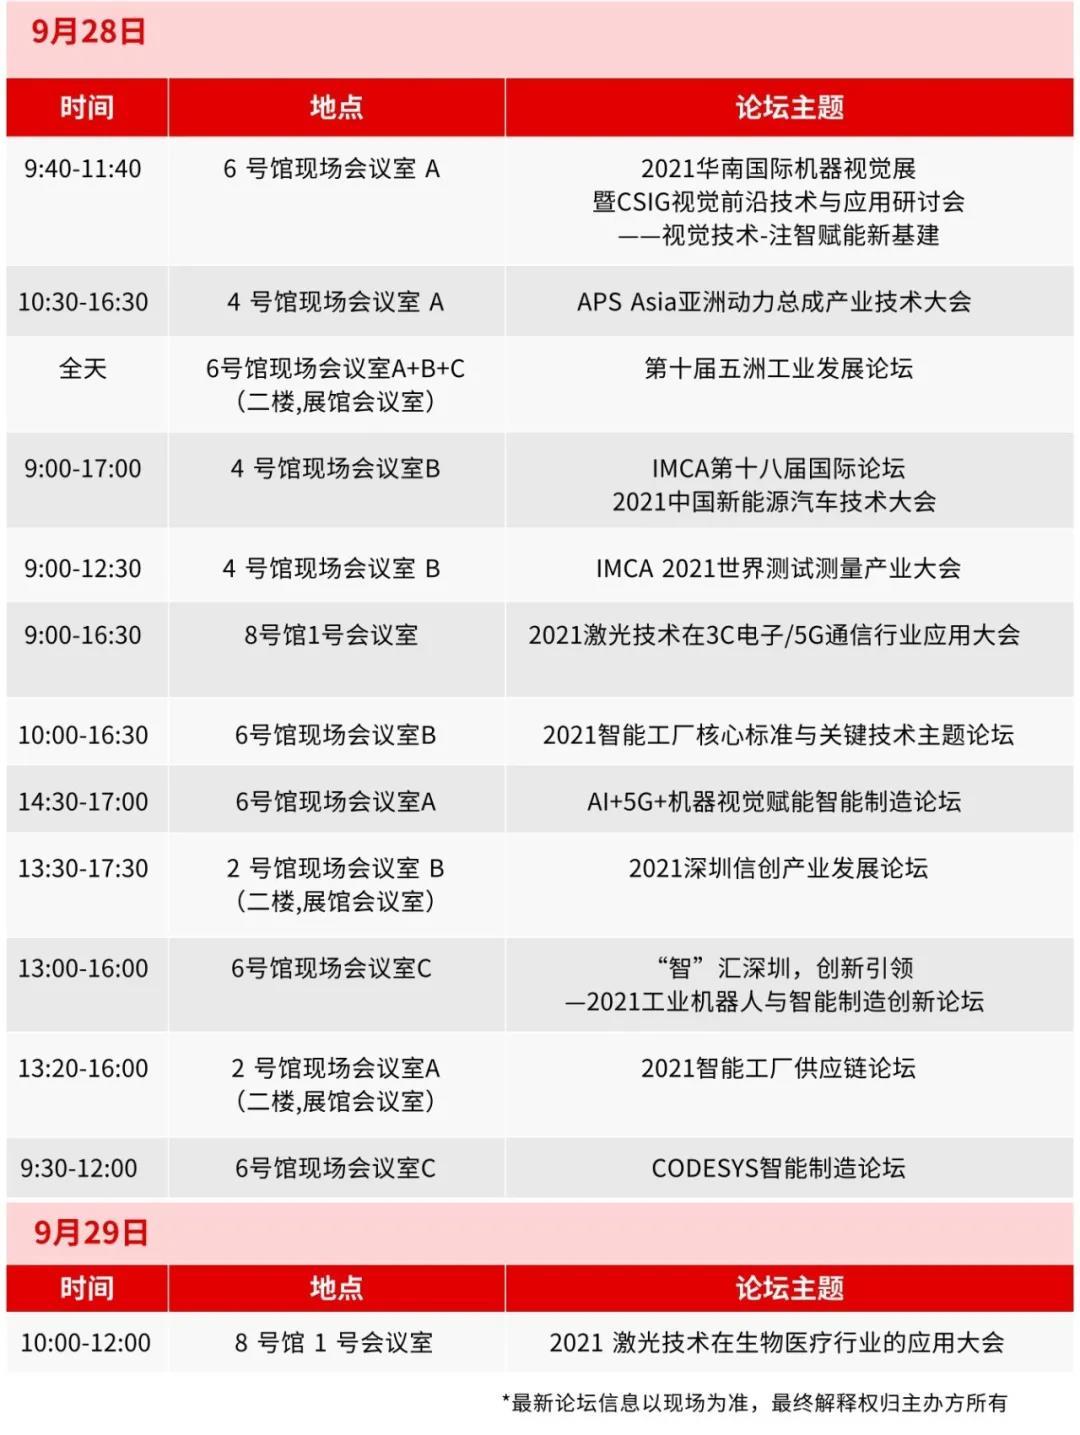 28-29日论坛议程一览